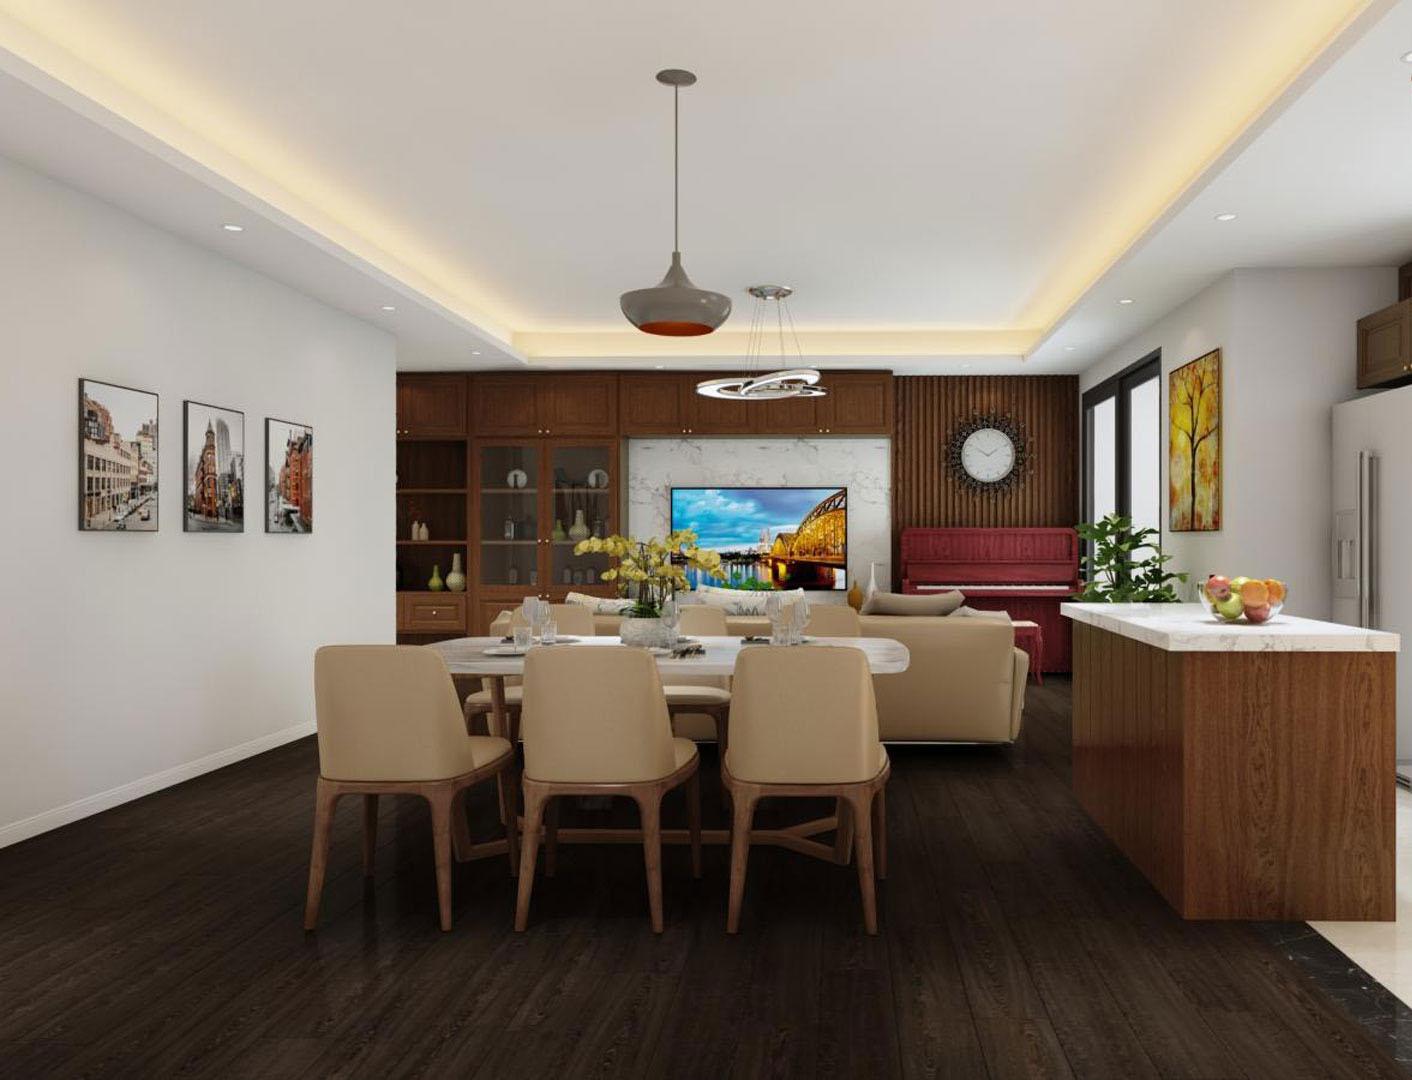 Tư vấn thiết kế nội thất căn hộ chung cư 100m² ở Bình Dương theo phong cách hiện đại, tối giản với chi phí 78 triệu - Ảnh 8.